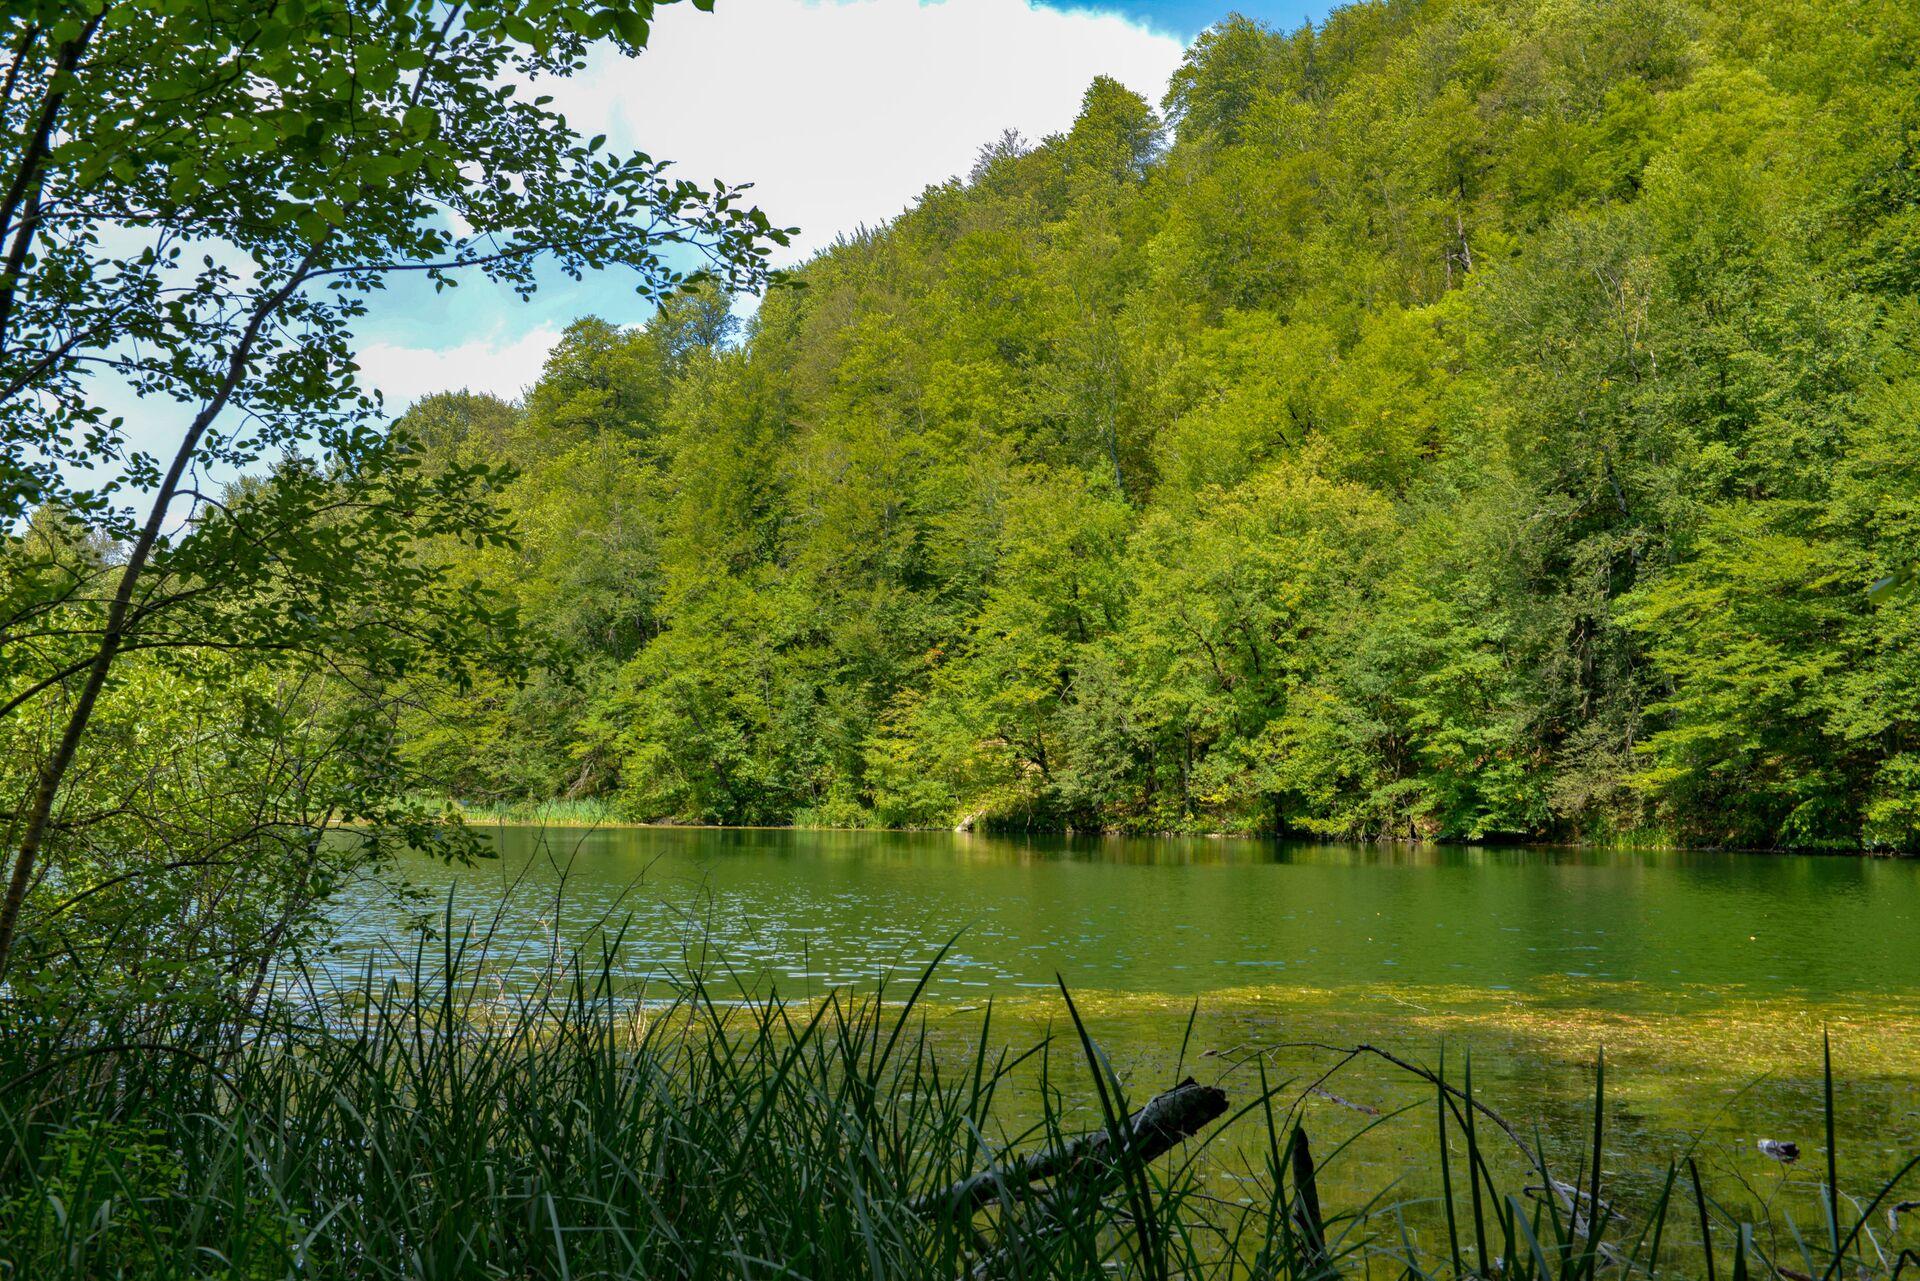 Место, где душа отдыхает: в горных лесах Шабрана таится загадочное озеро Анбиль - Sputnik Азербайджан, 1920, 25.03.2021